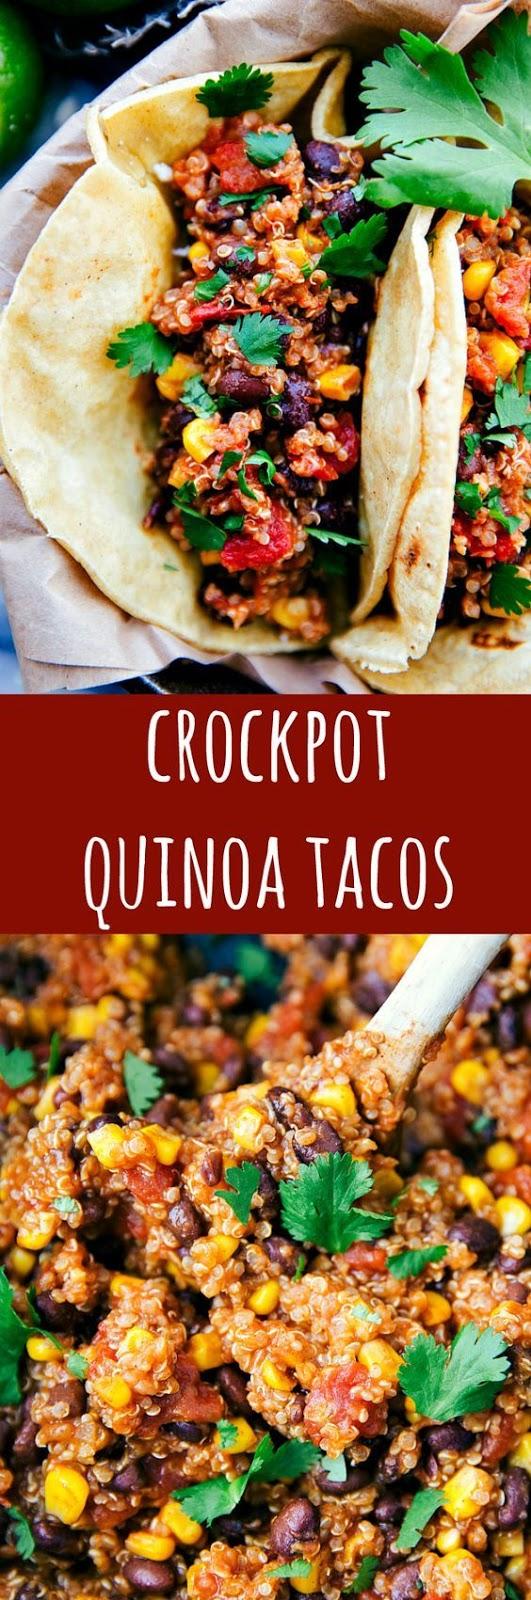 Crockpot Mexican Quinoa Tacos